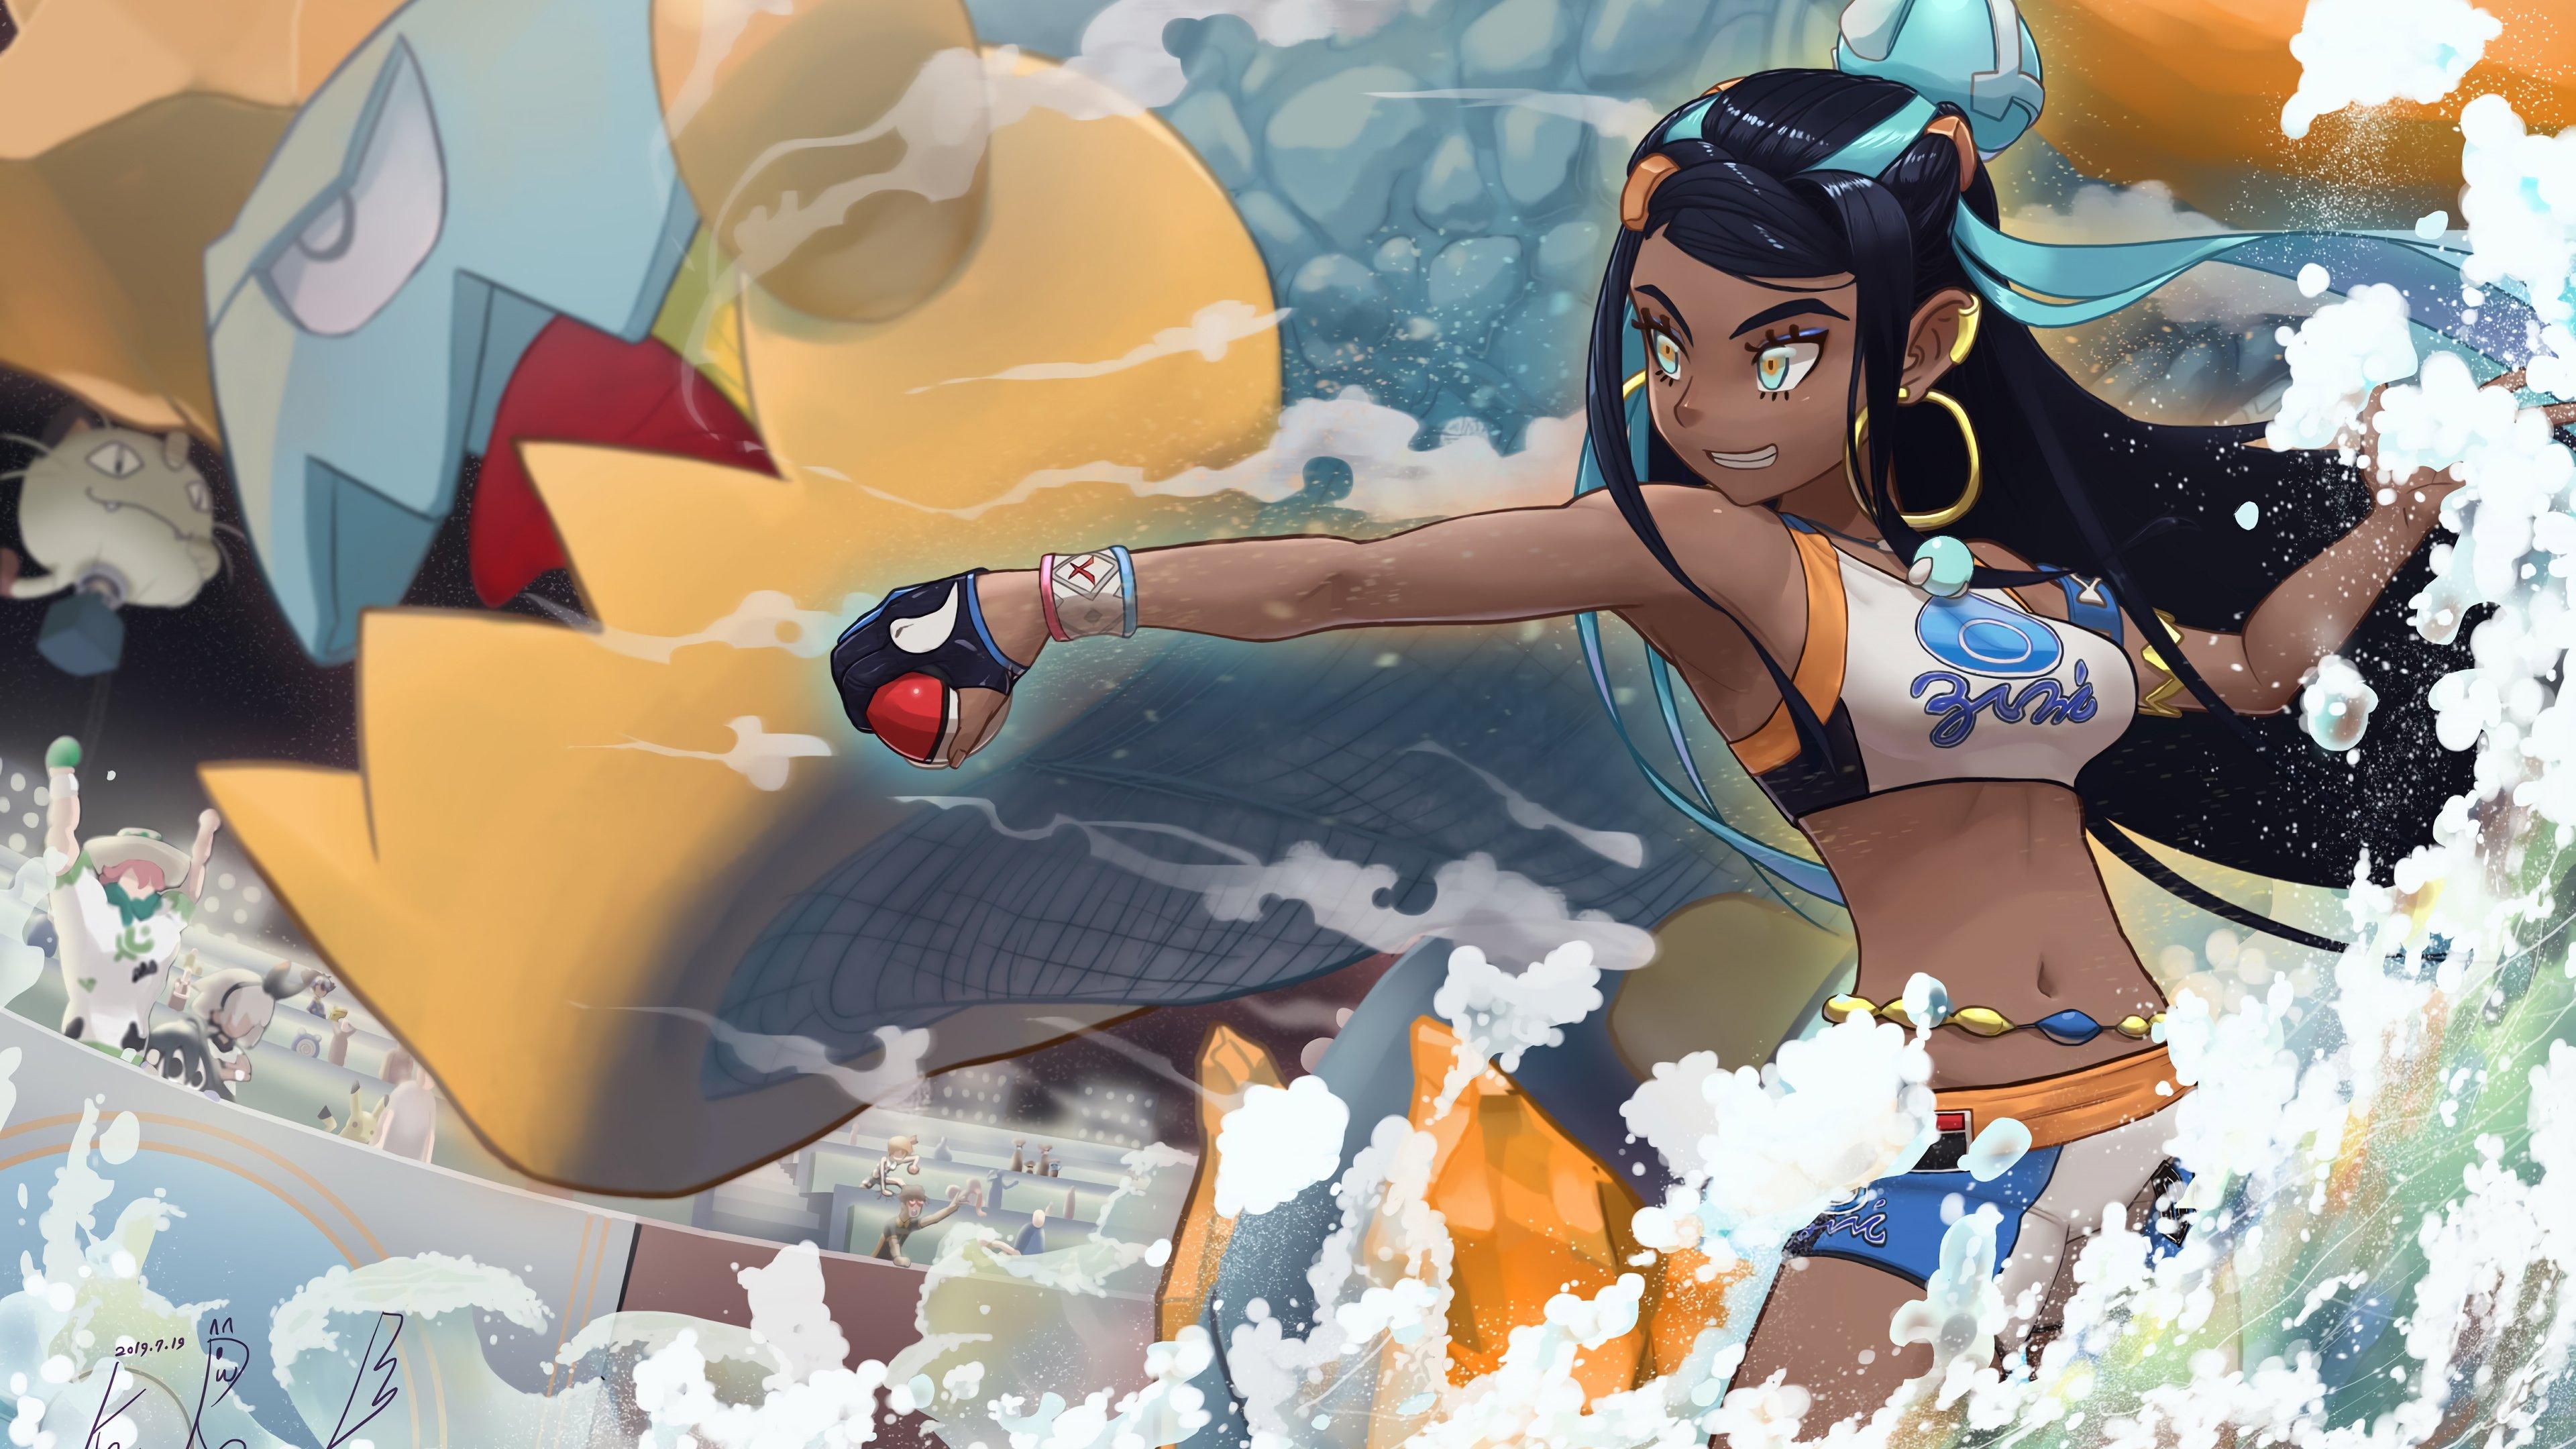 Fondos de pantalla Anime Nessa y Drednaw de Pokemon Espada y Pokemon Escudo